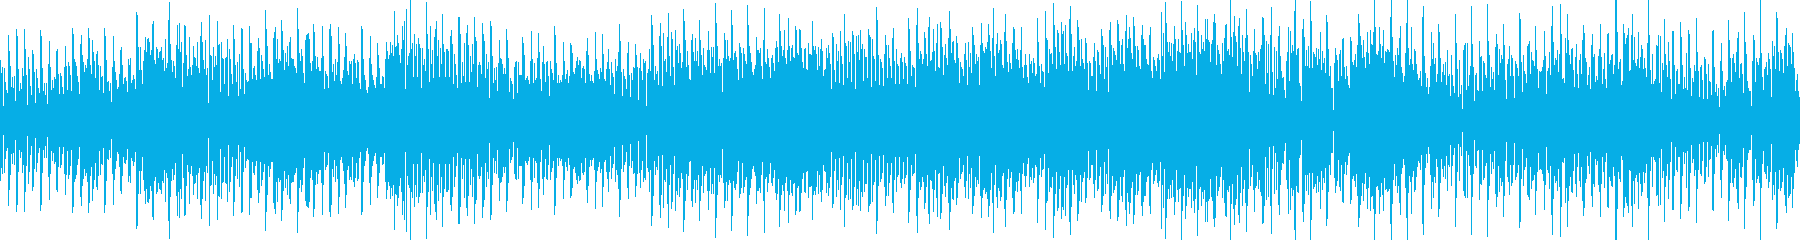 オープニング・ダンスミュージック・ループの再生済みの波形